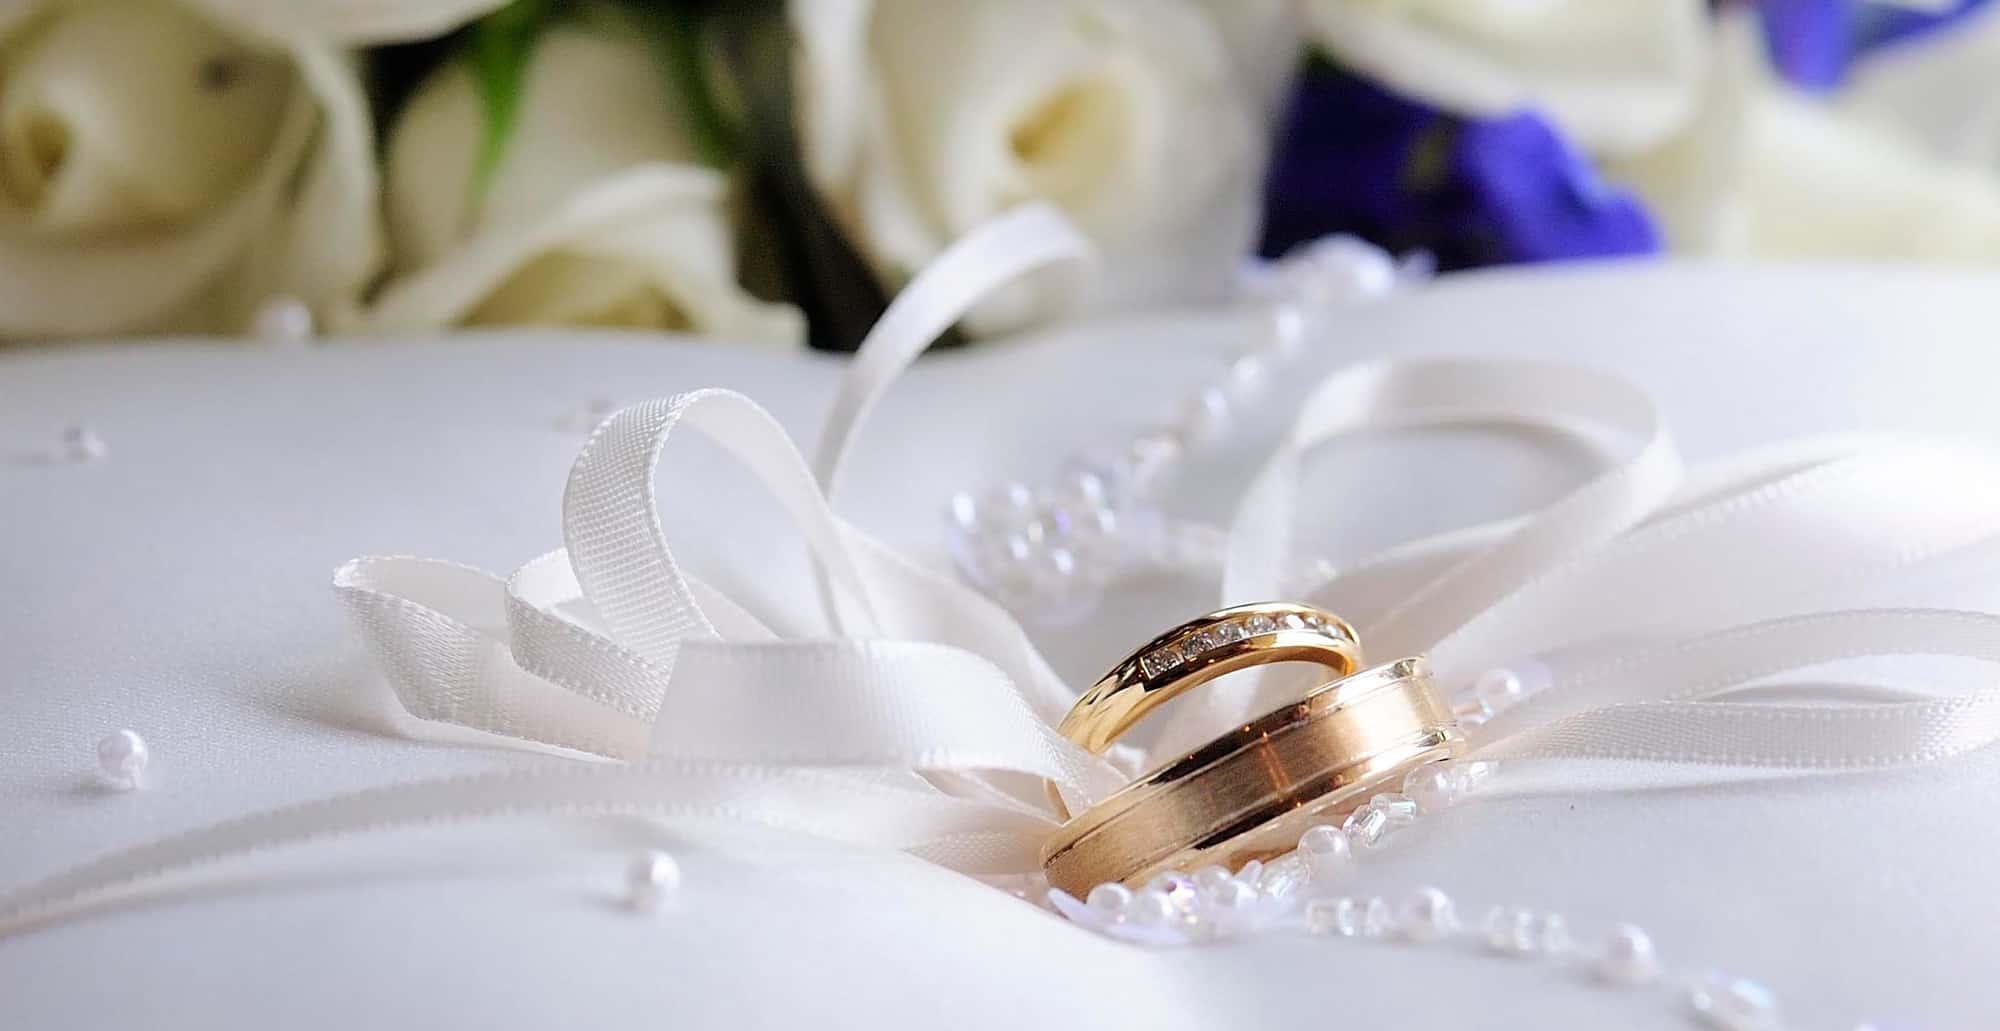 تفسير حلم الزواج للمتزوجه المرسال